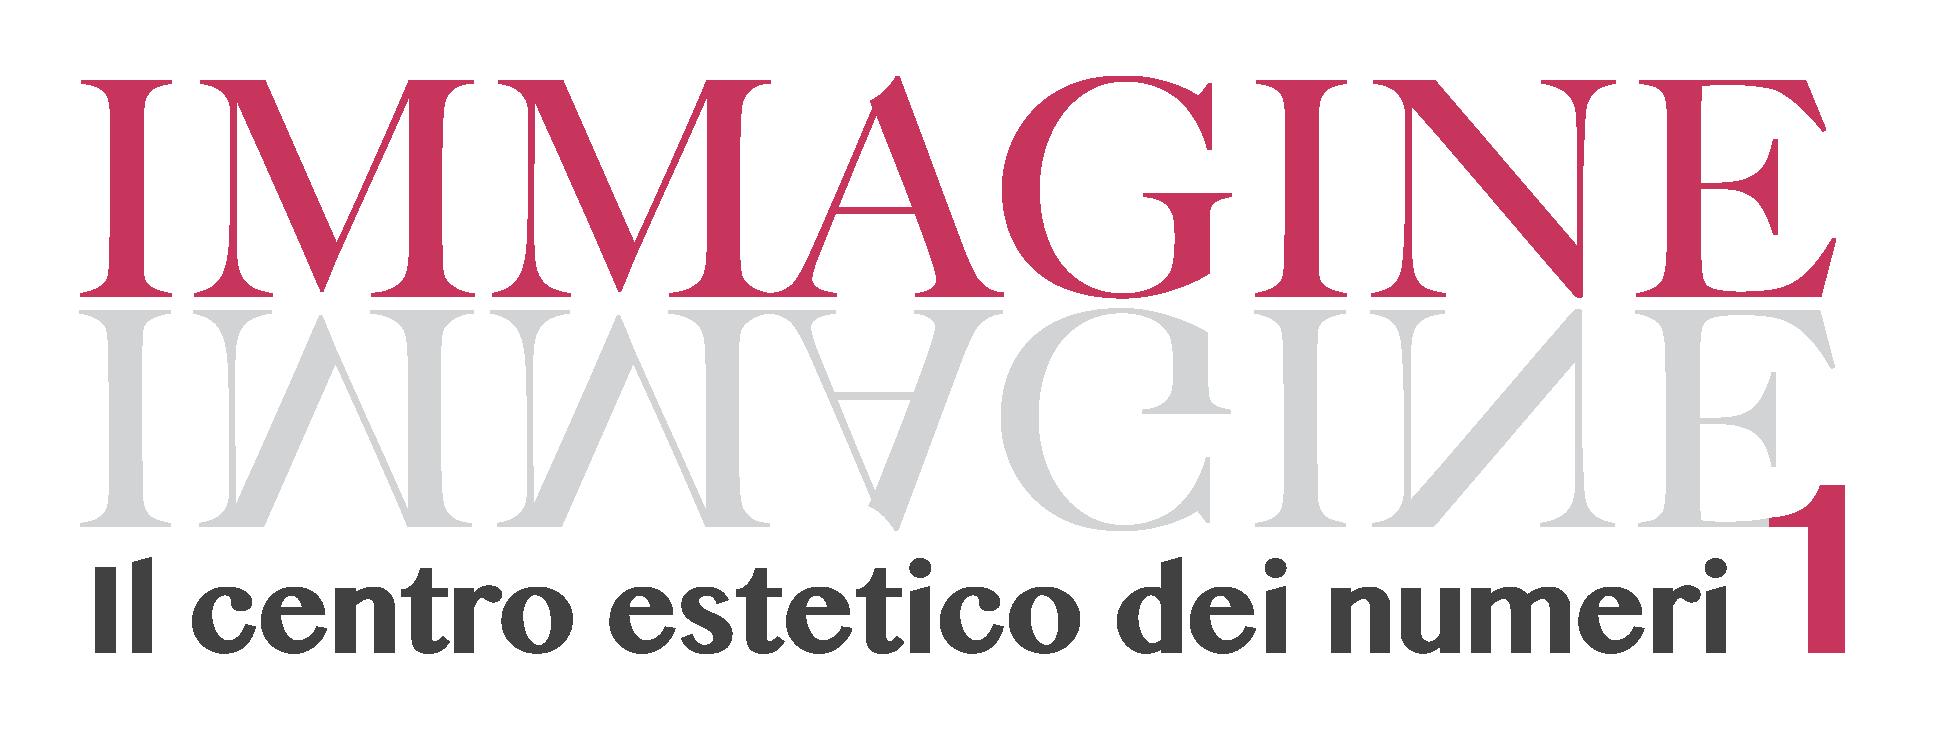 Estetista Cervignano del Friuli